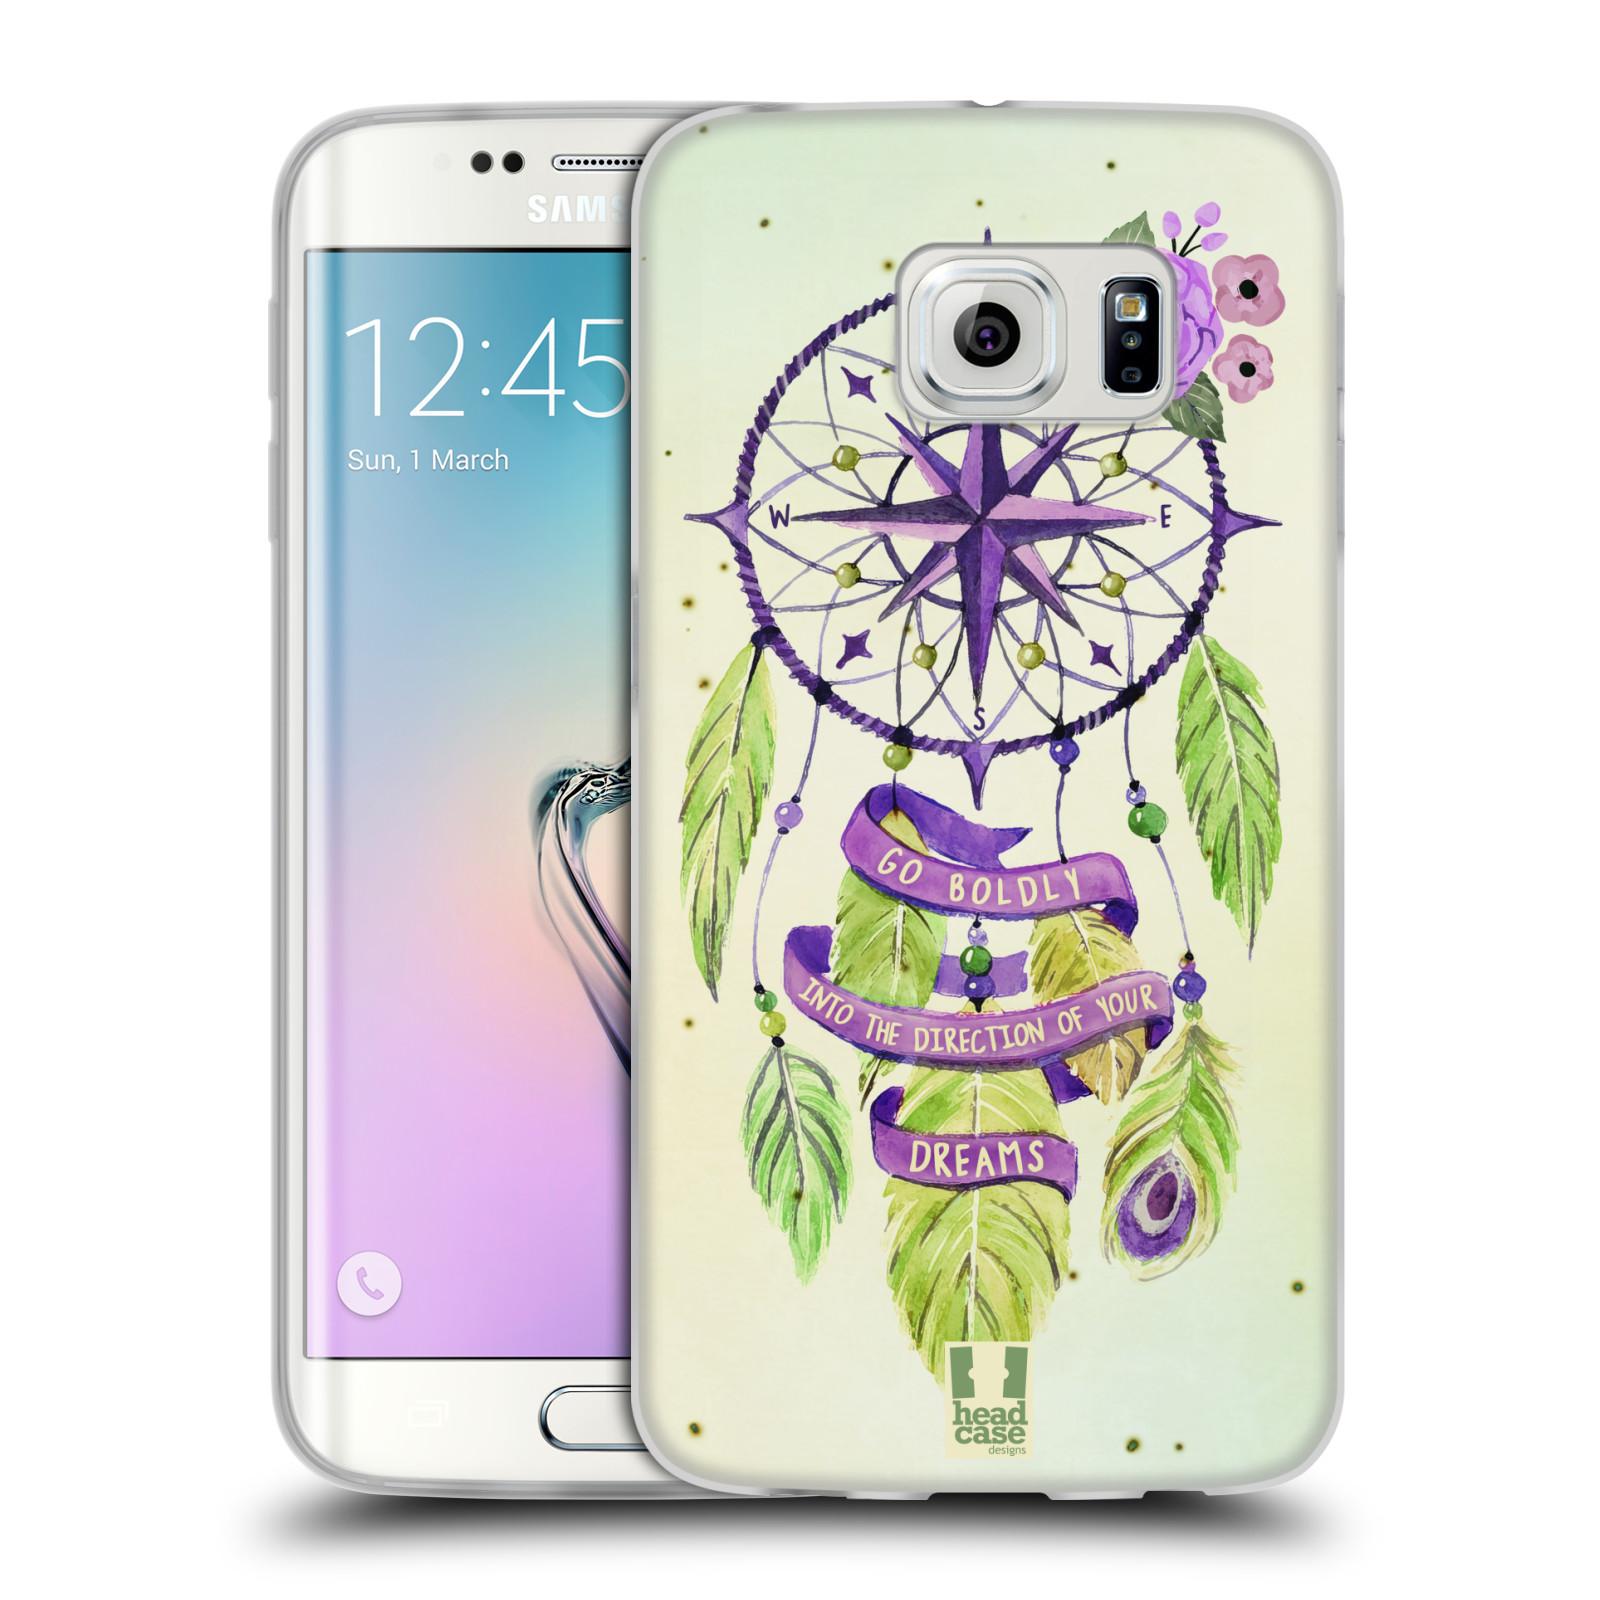 Silikonové pouzdro na mobil Samsung Galaxy S6 Edge HEAD CASE Lapač Assorted Compass (Silikonový kryt či obal na mobilní telefon Samsung Galaxy S6 Edge SM-G925F)